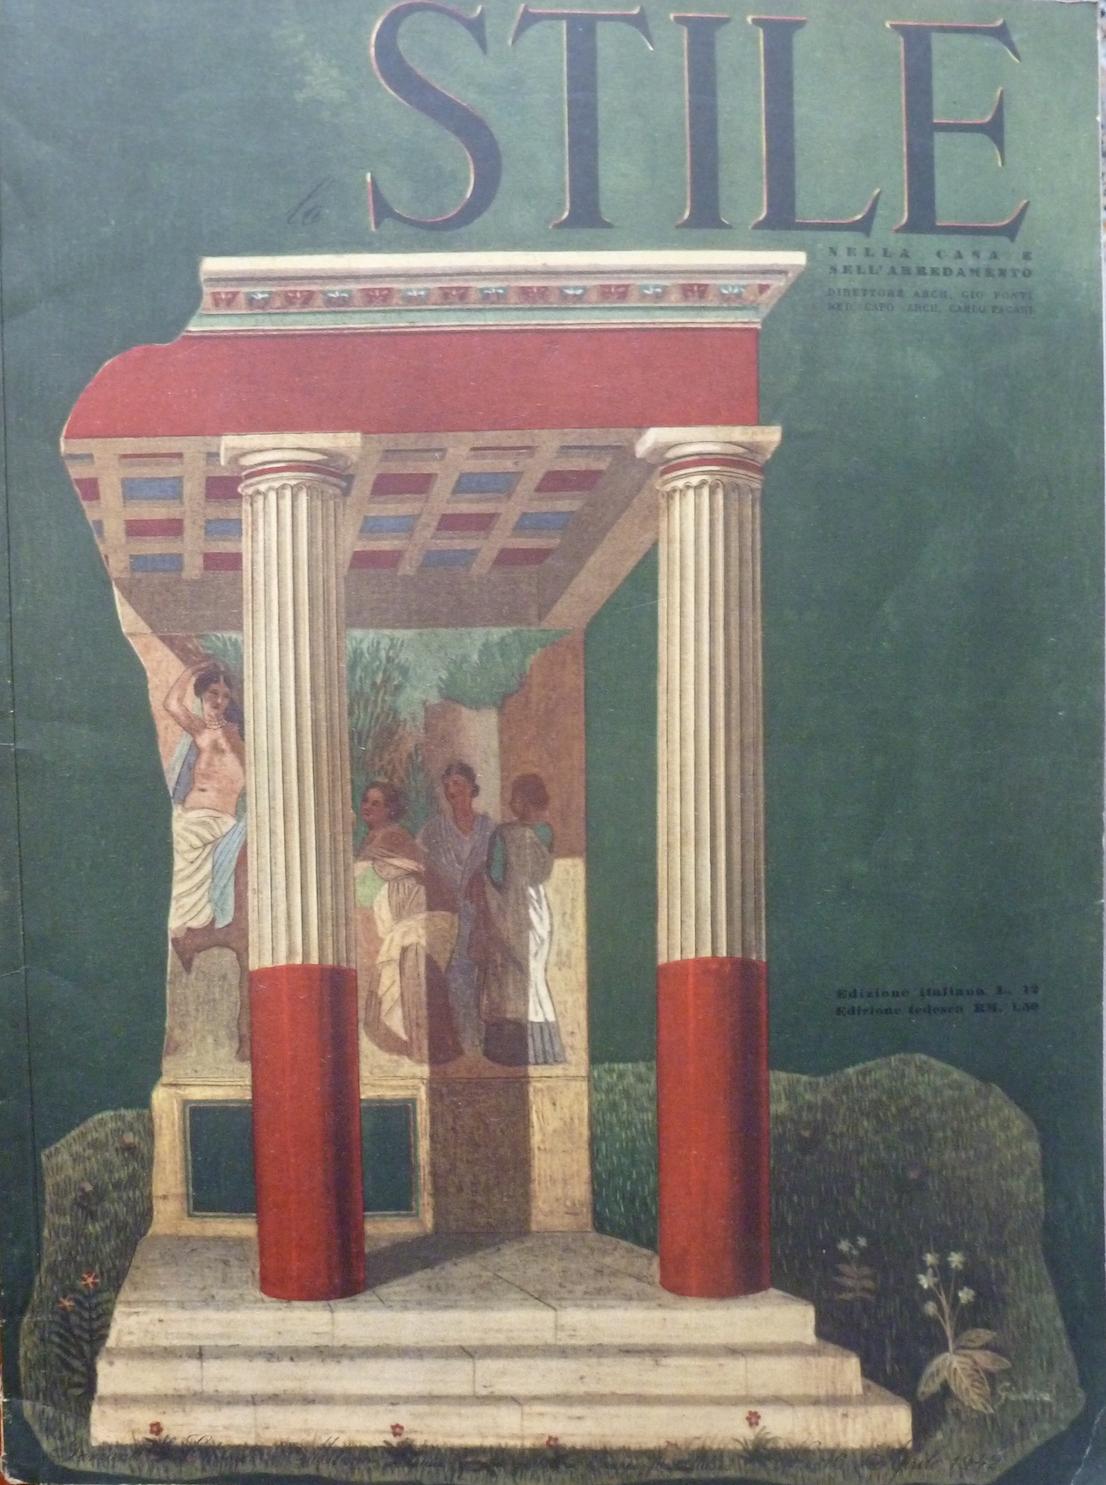 Lo Stile 16, 1942. Copertina Gienlica (Gio Ponti, Enrico Bo, Lina Bo Bardi, Carlo Pagani).